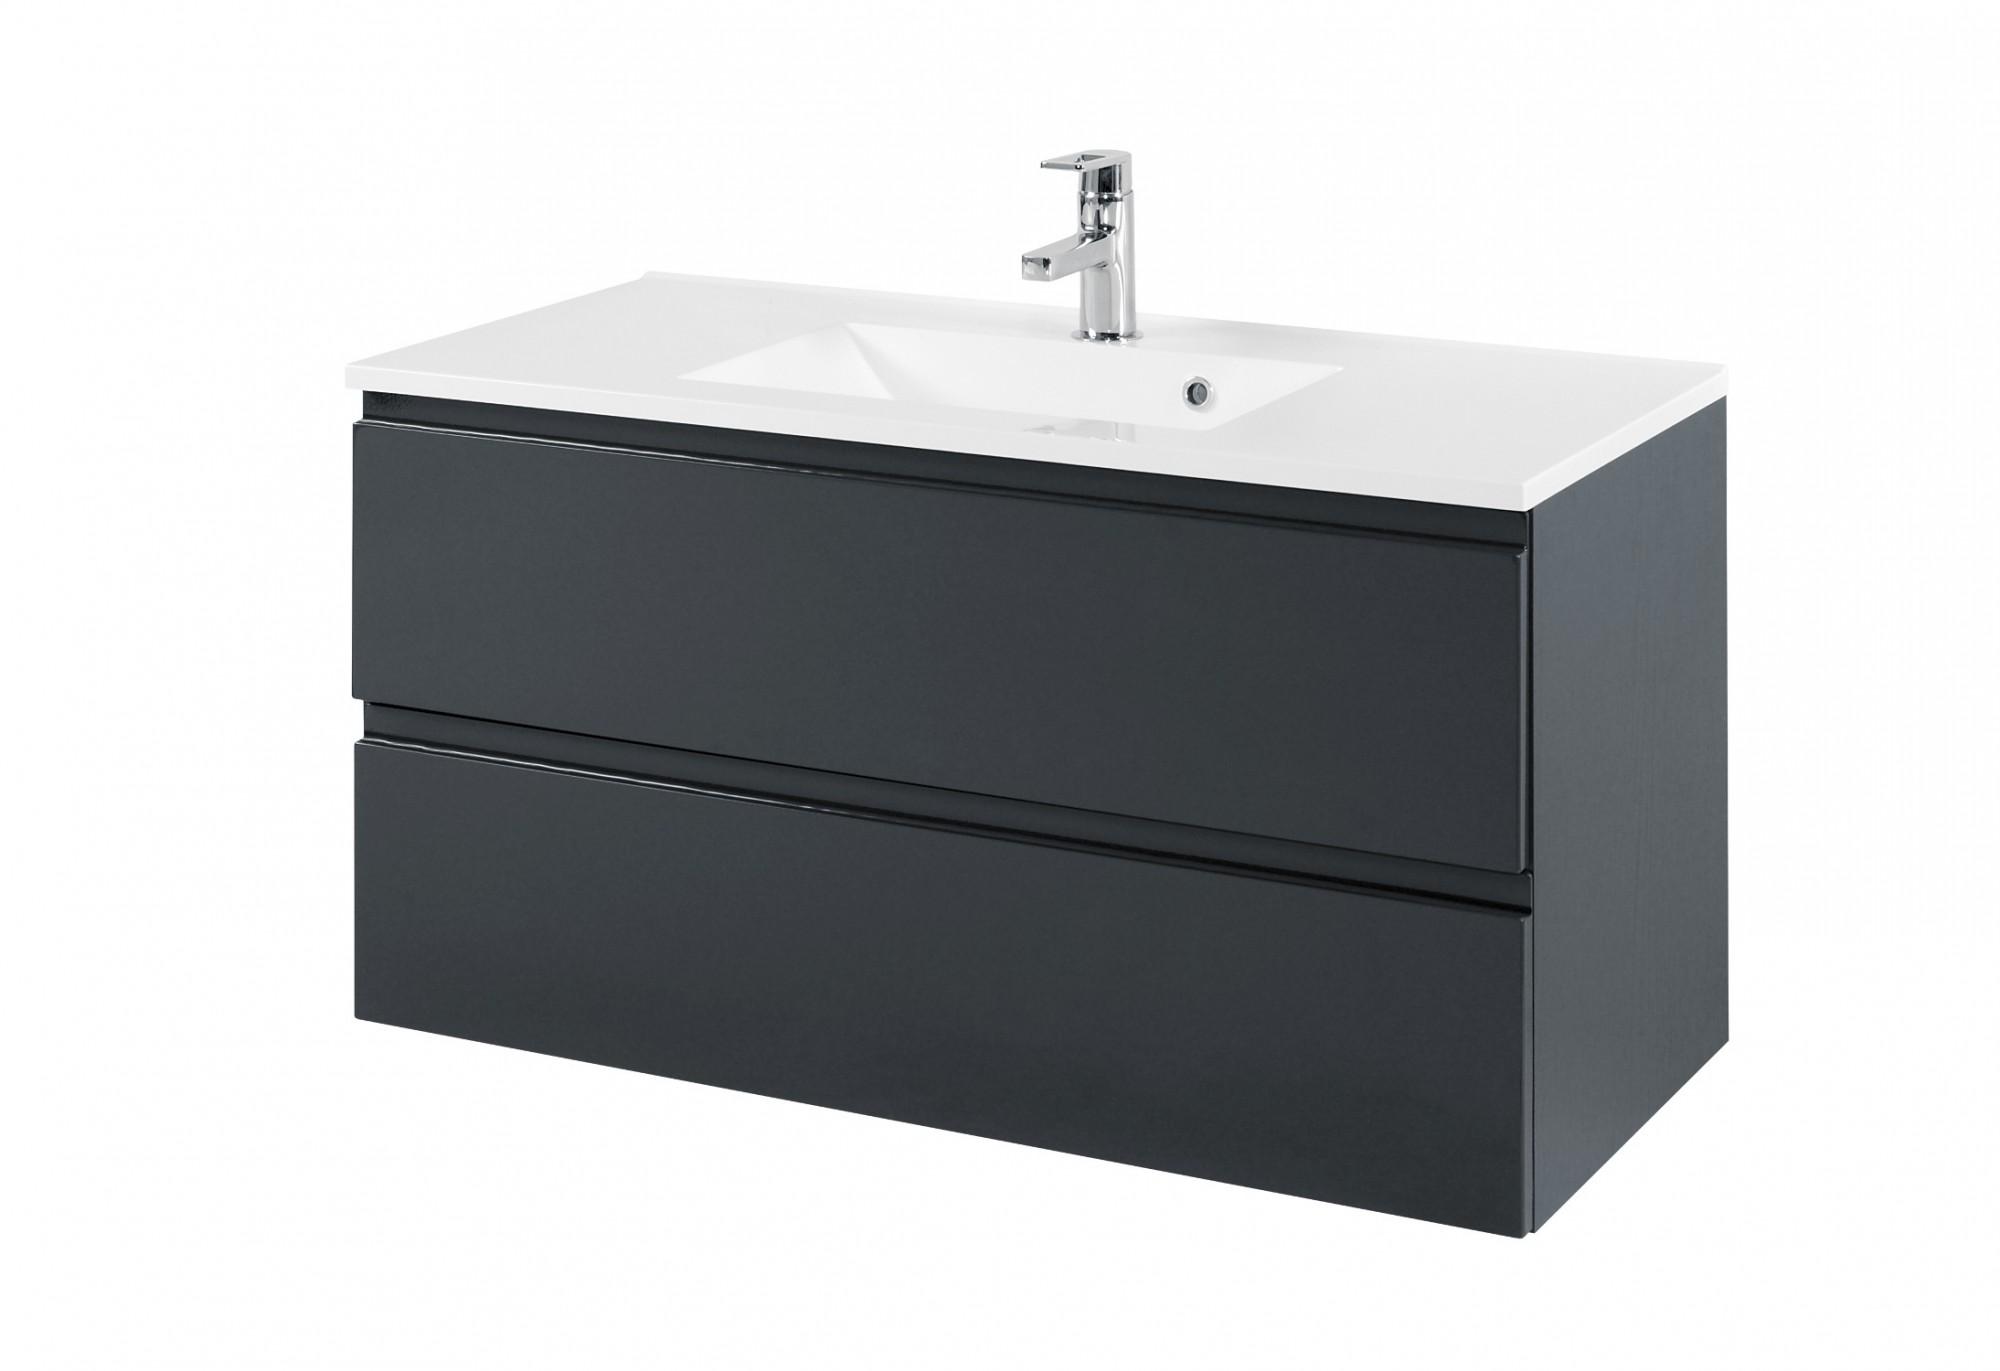 Schön Bad-Waschtisch CARDIFF - 2 Auszüge - 100 cm breit - Hochglanz Grau  JD98